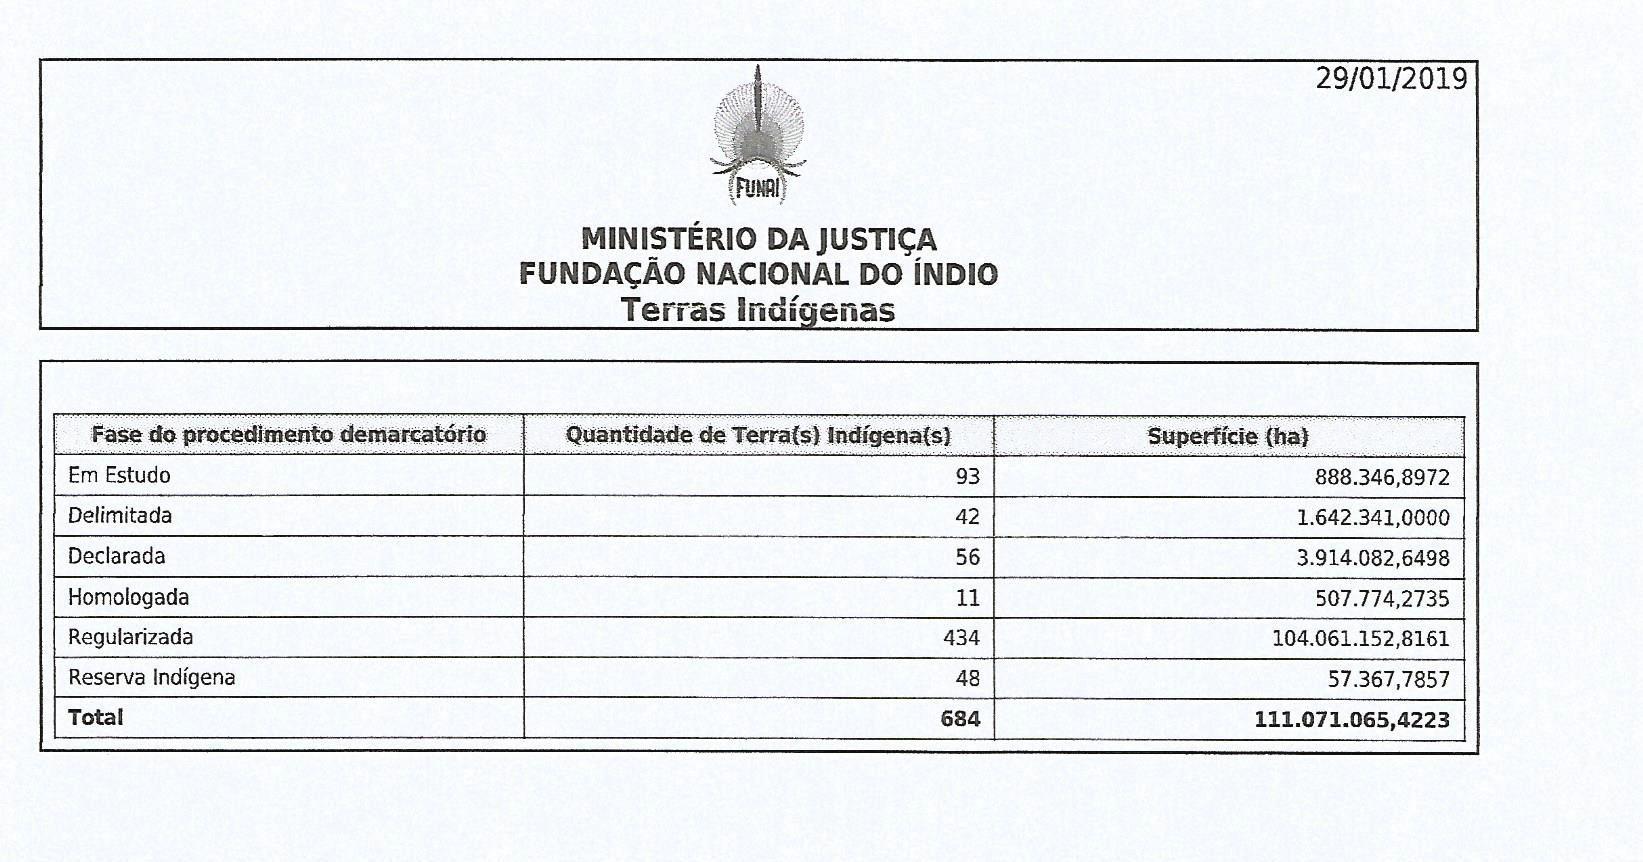 questão indígena sob a perspectiva do governo Bolsonaro